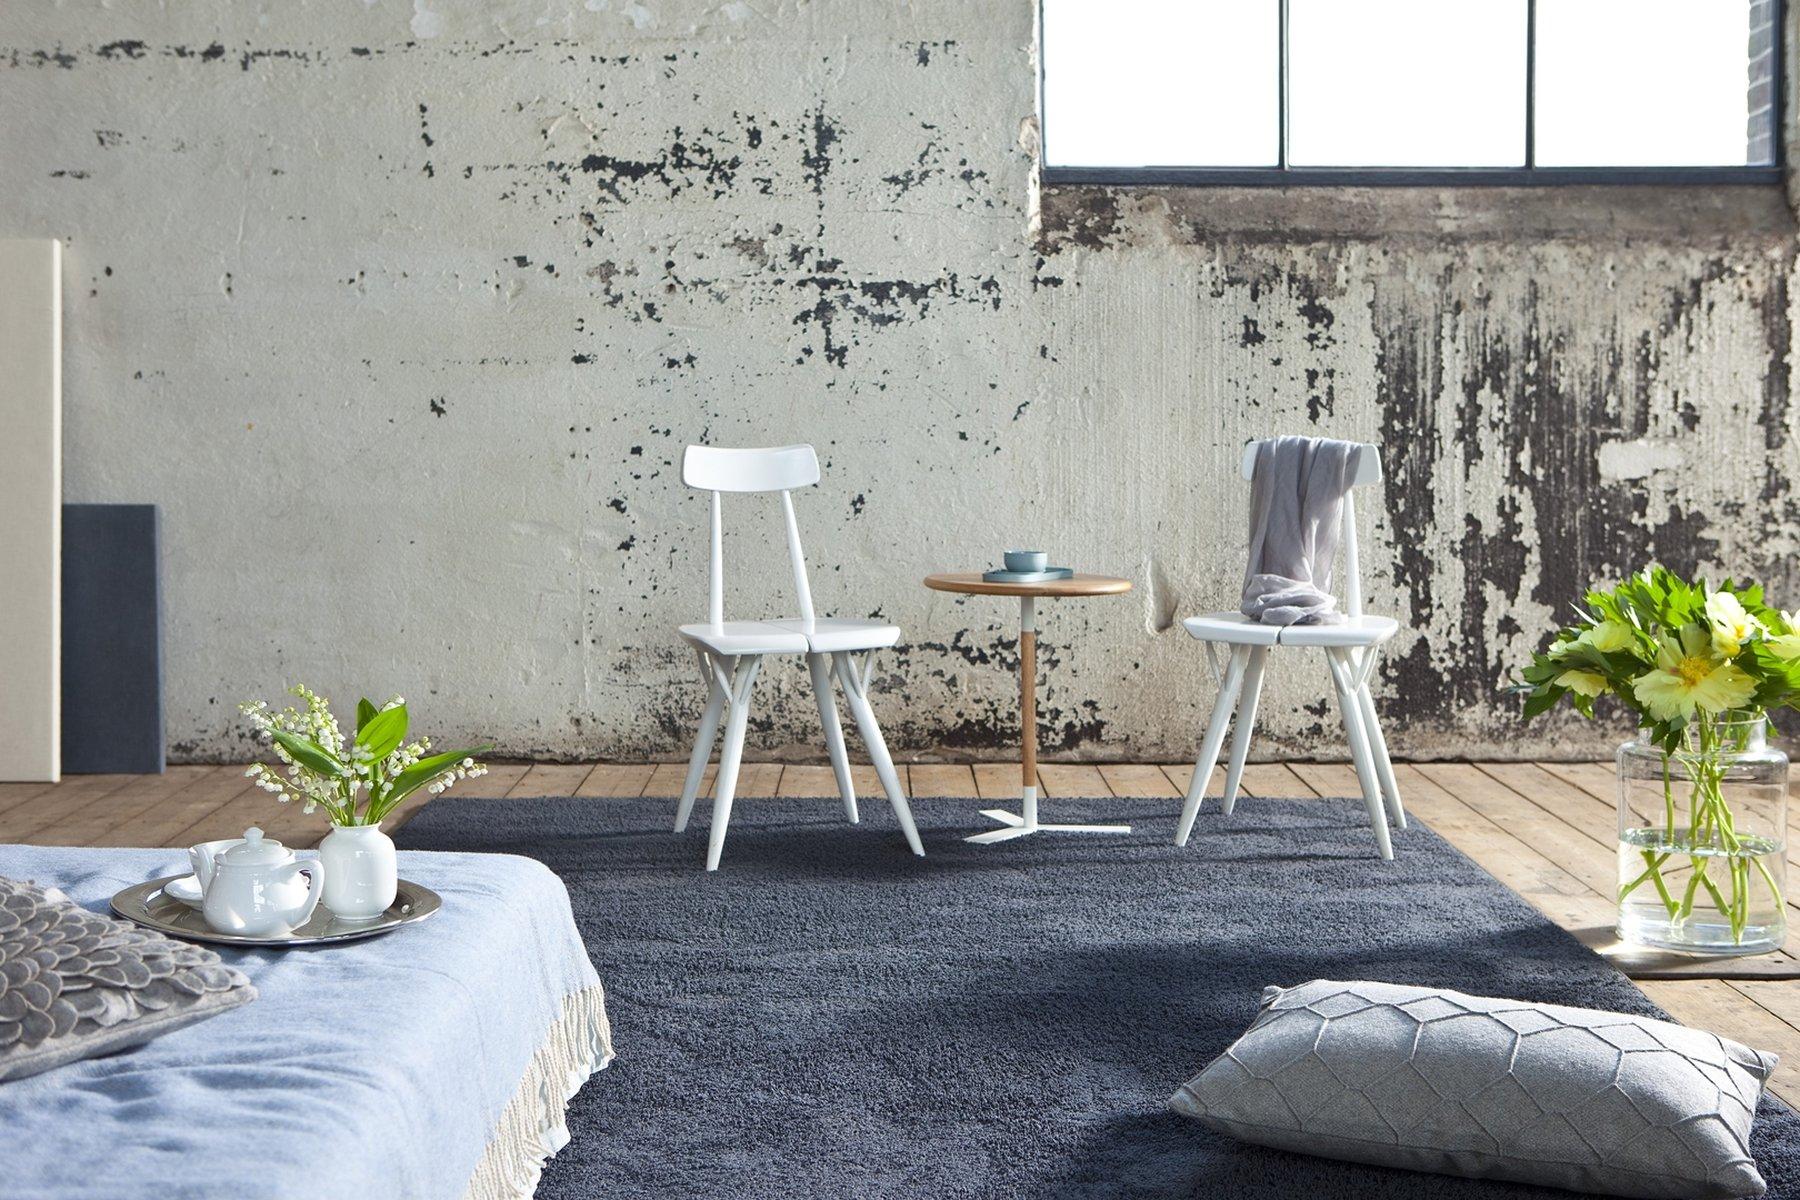 Vloerkleed In Slaapkamer : Vloerkleed verven best verven van de vintage kleden with